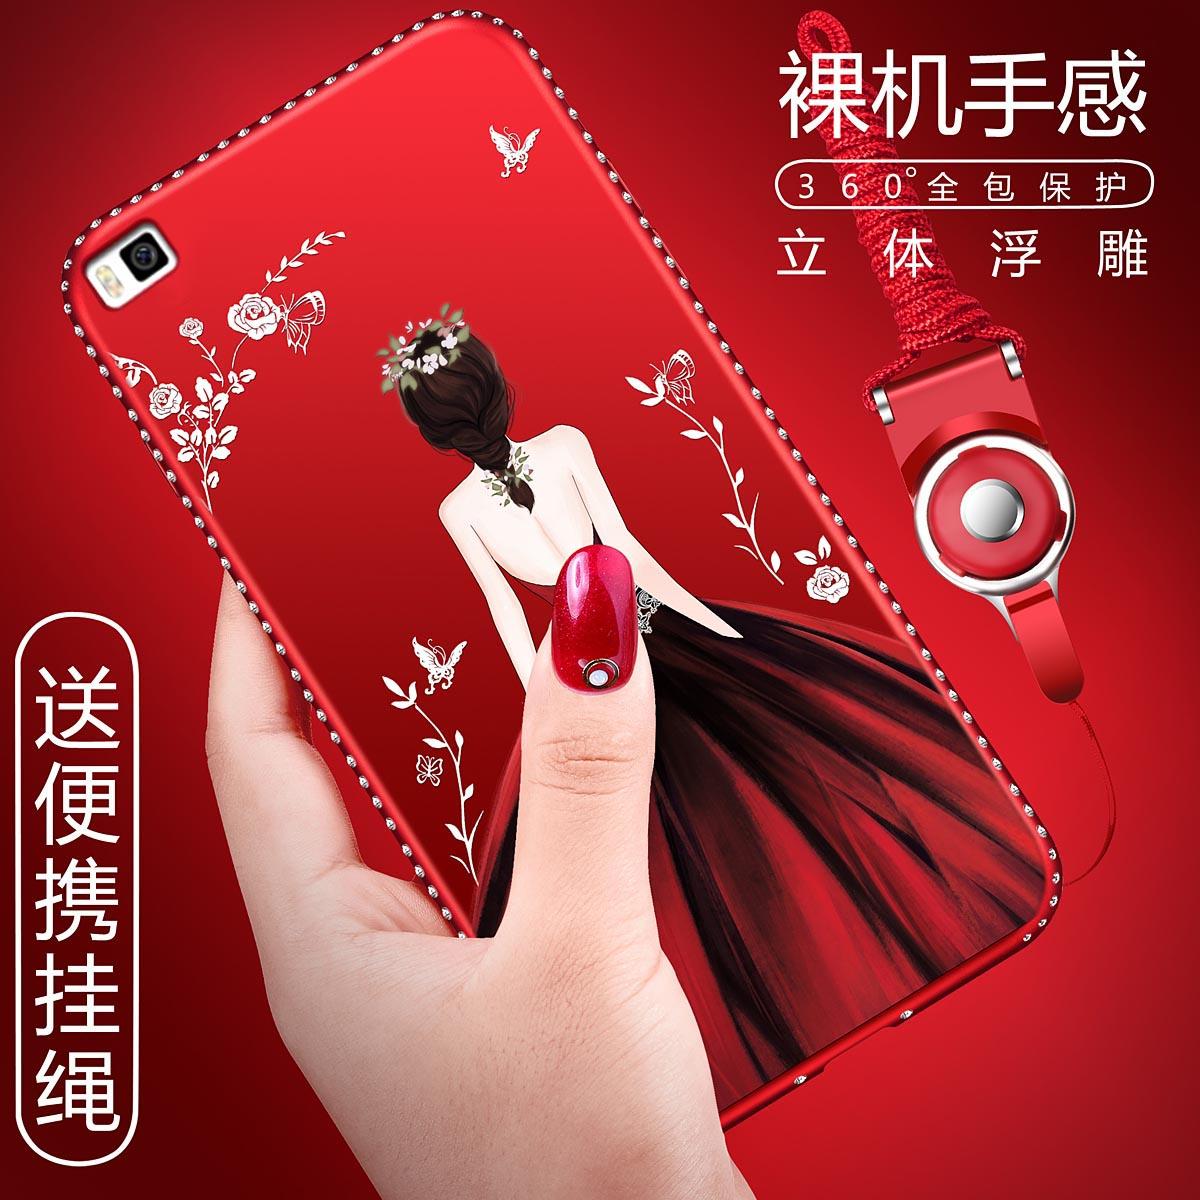 (025-825)เคสมือถือ Case Huawei P8 Lite เคสนิ่มซิลิโคนลายการ์ตูนผู้หญิง ขอบเพชรพร้อมสายคล้องคอถอดแยกได้